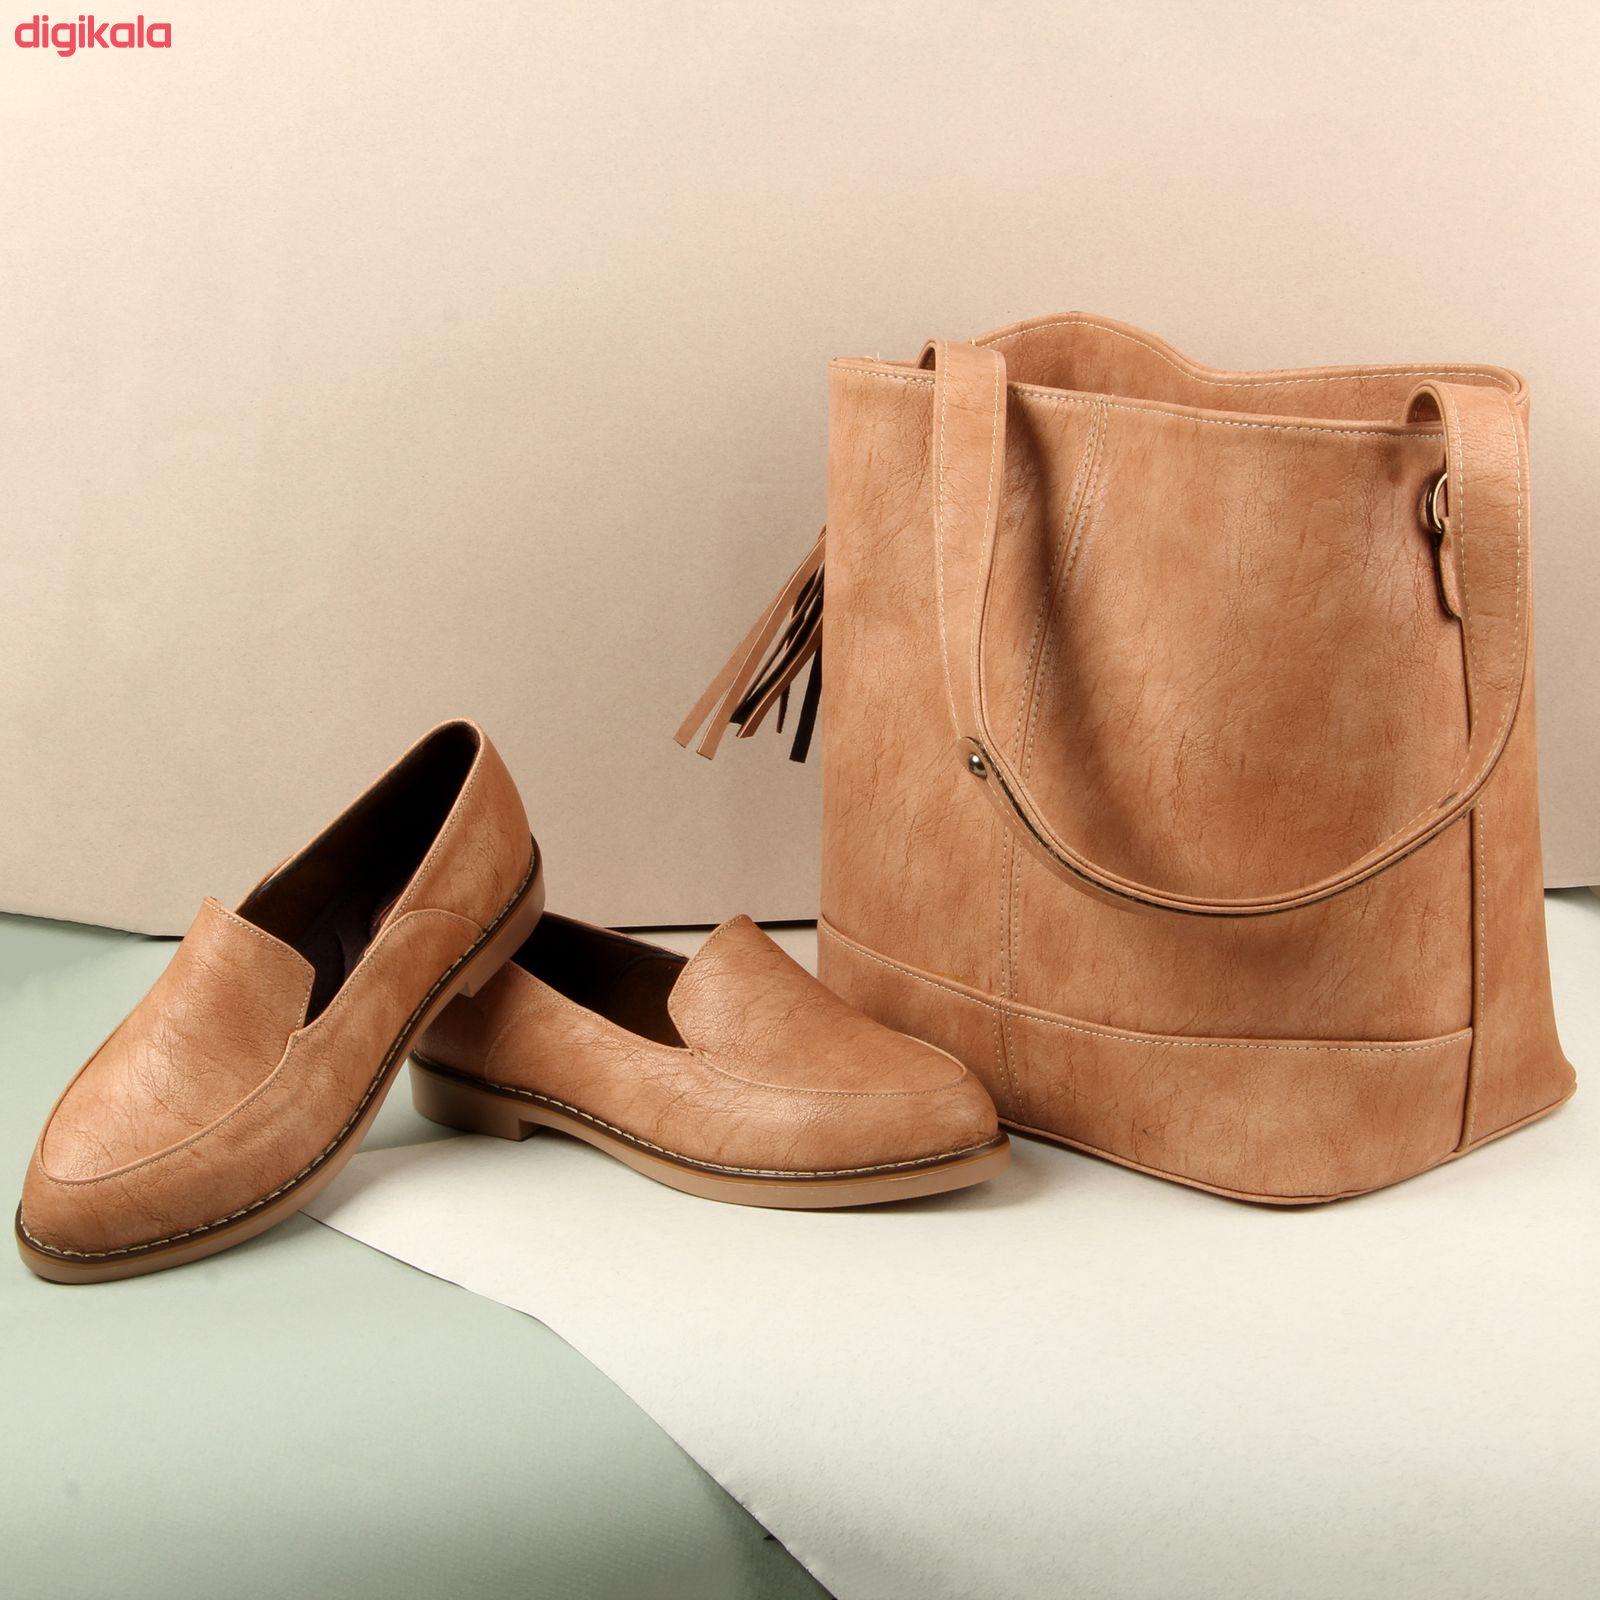 ست کیف و کفش زنانه کد 910-1 main 1 10